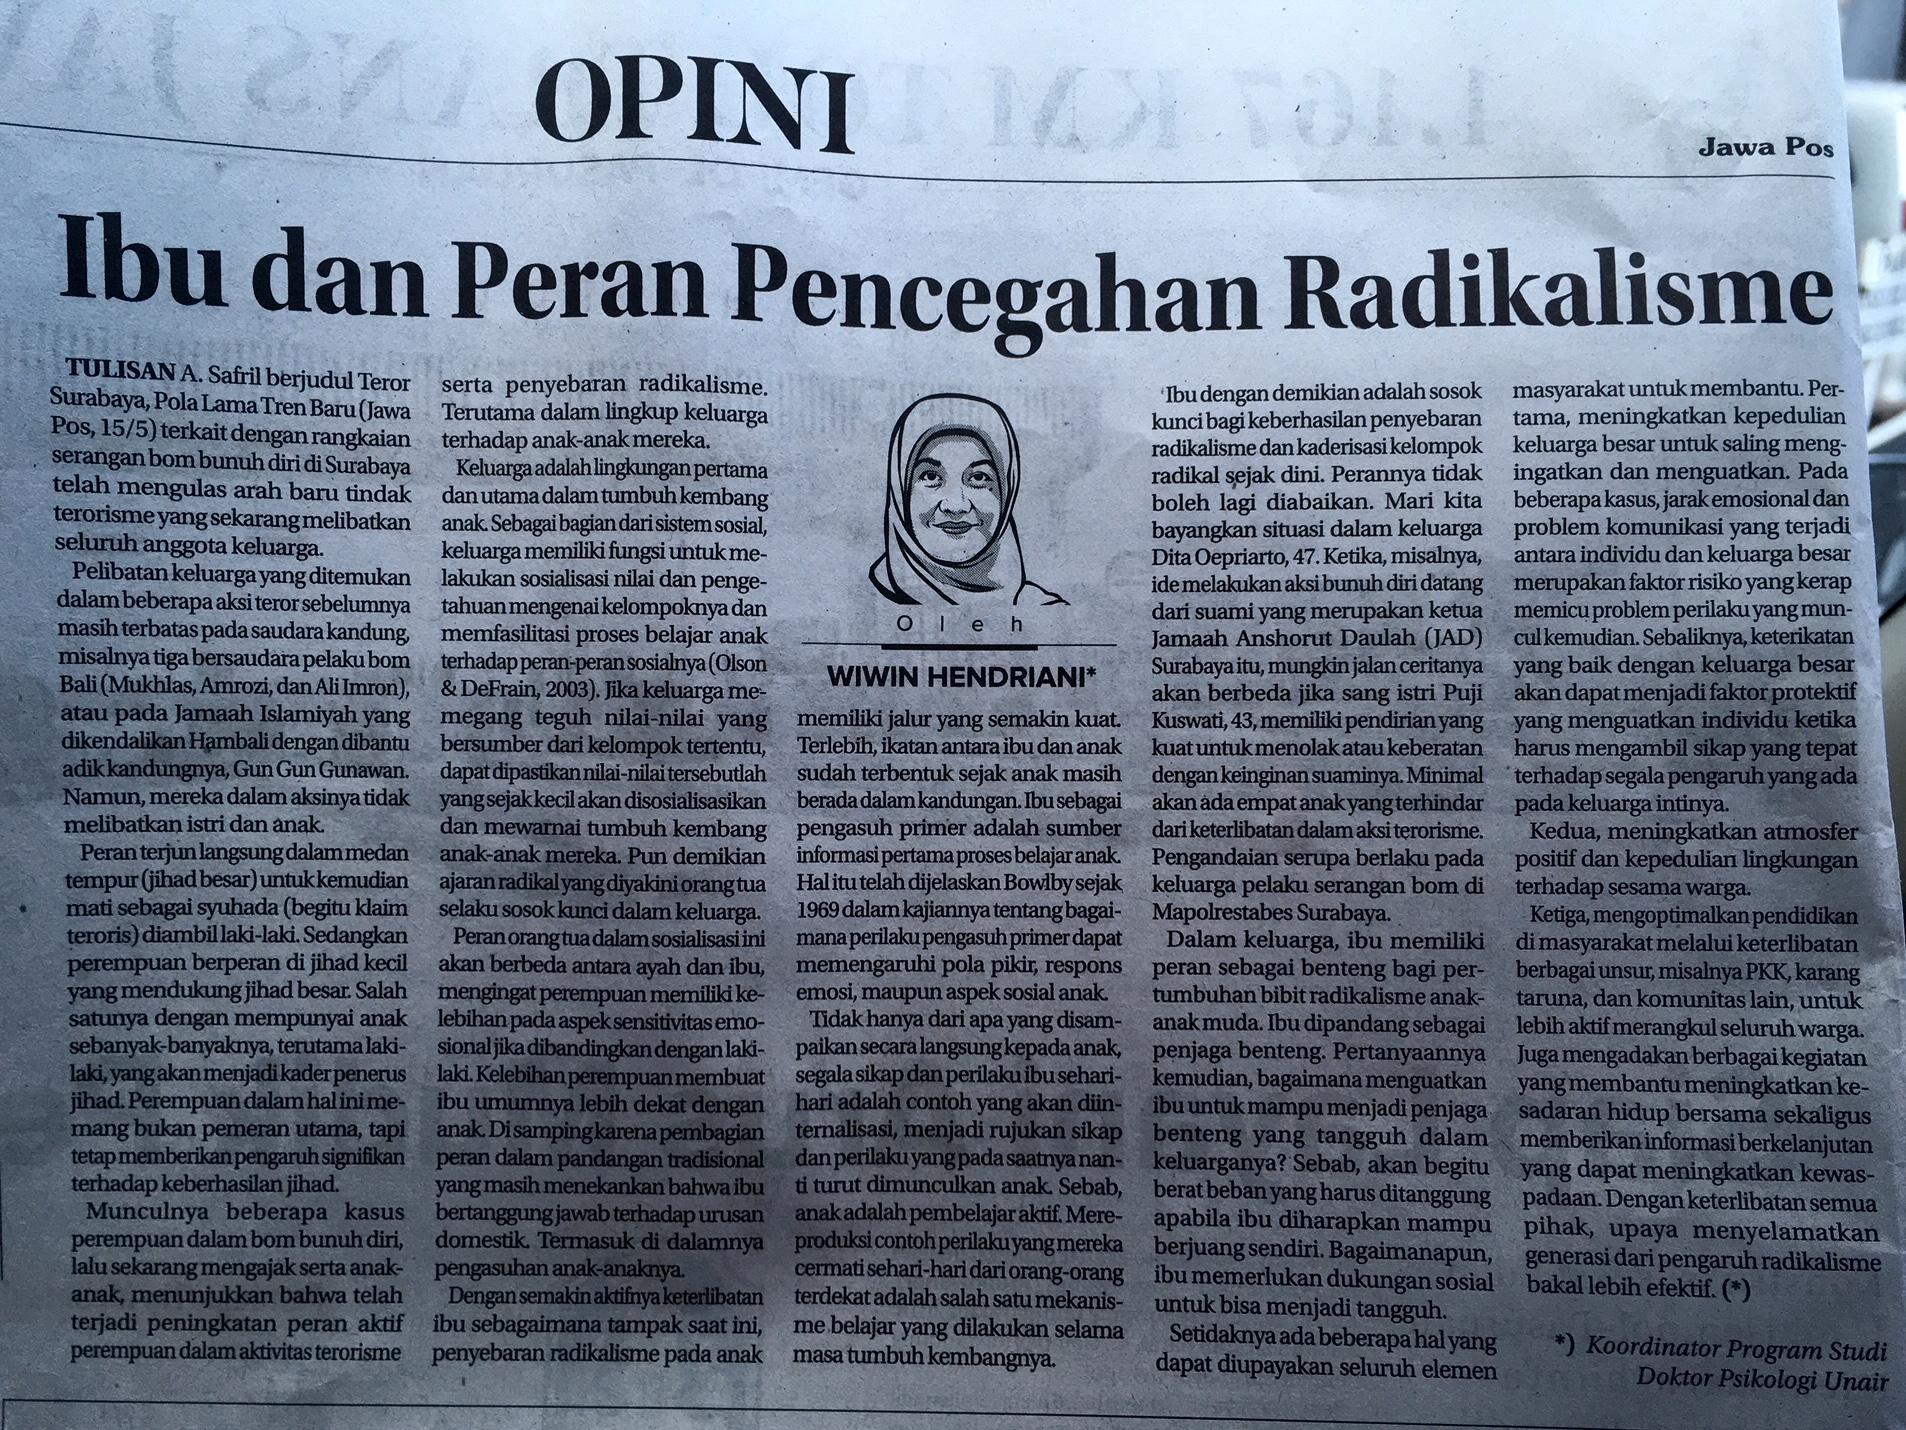 Contoh Artikel Di Koran Jawa Pos Kumpulan Soal Pelajaran 6